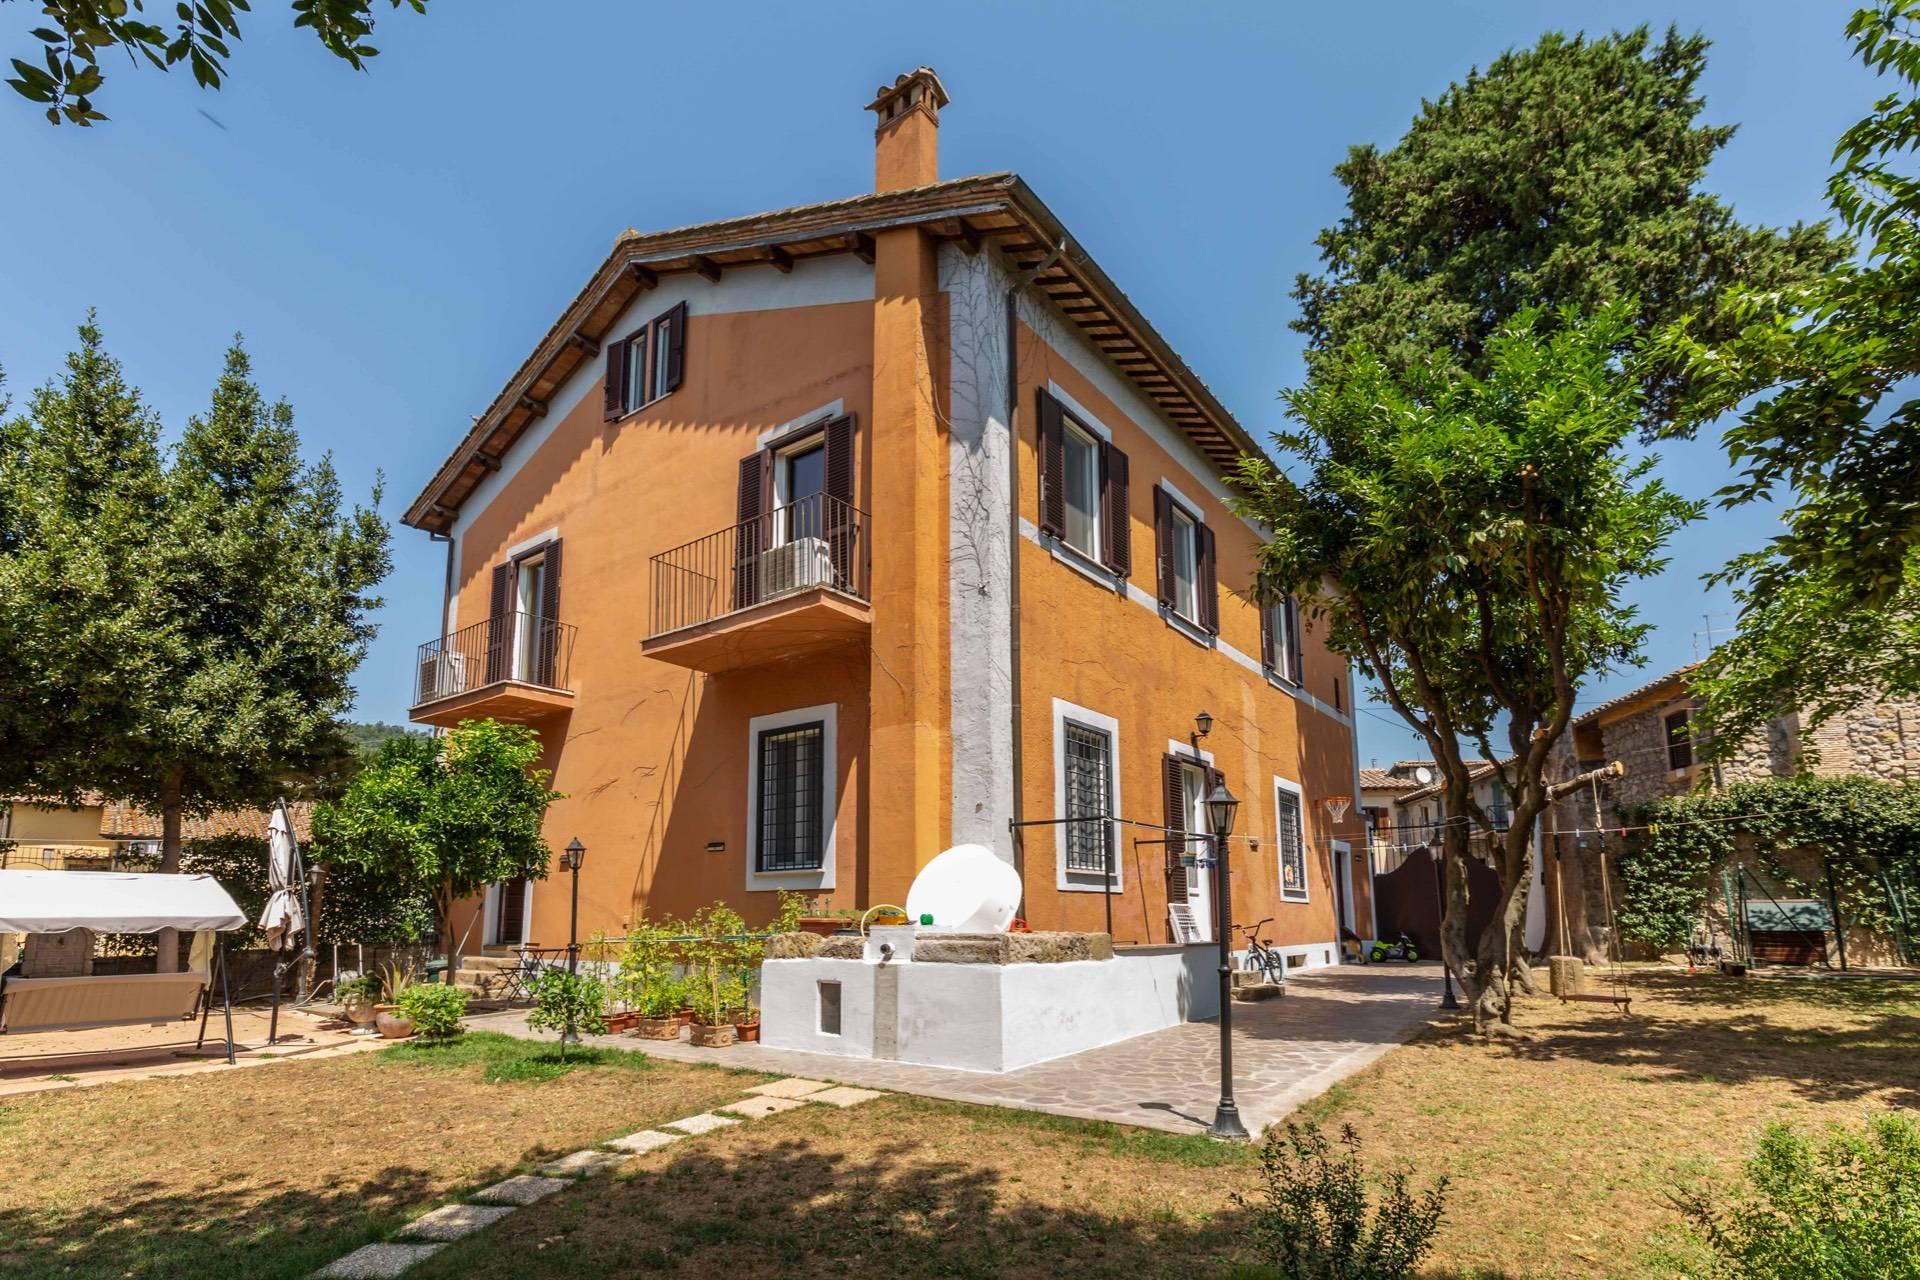 Soluzione Indipendente in vendita a Manziana, 12 locali, zona Zona: Quadroni, prezzo € 730.000 | CambioCasa.it